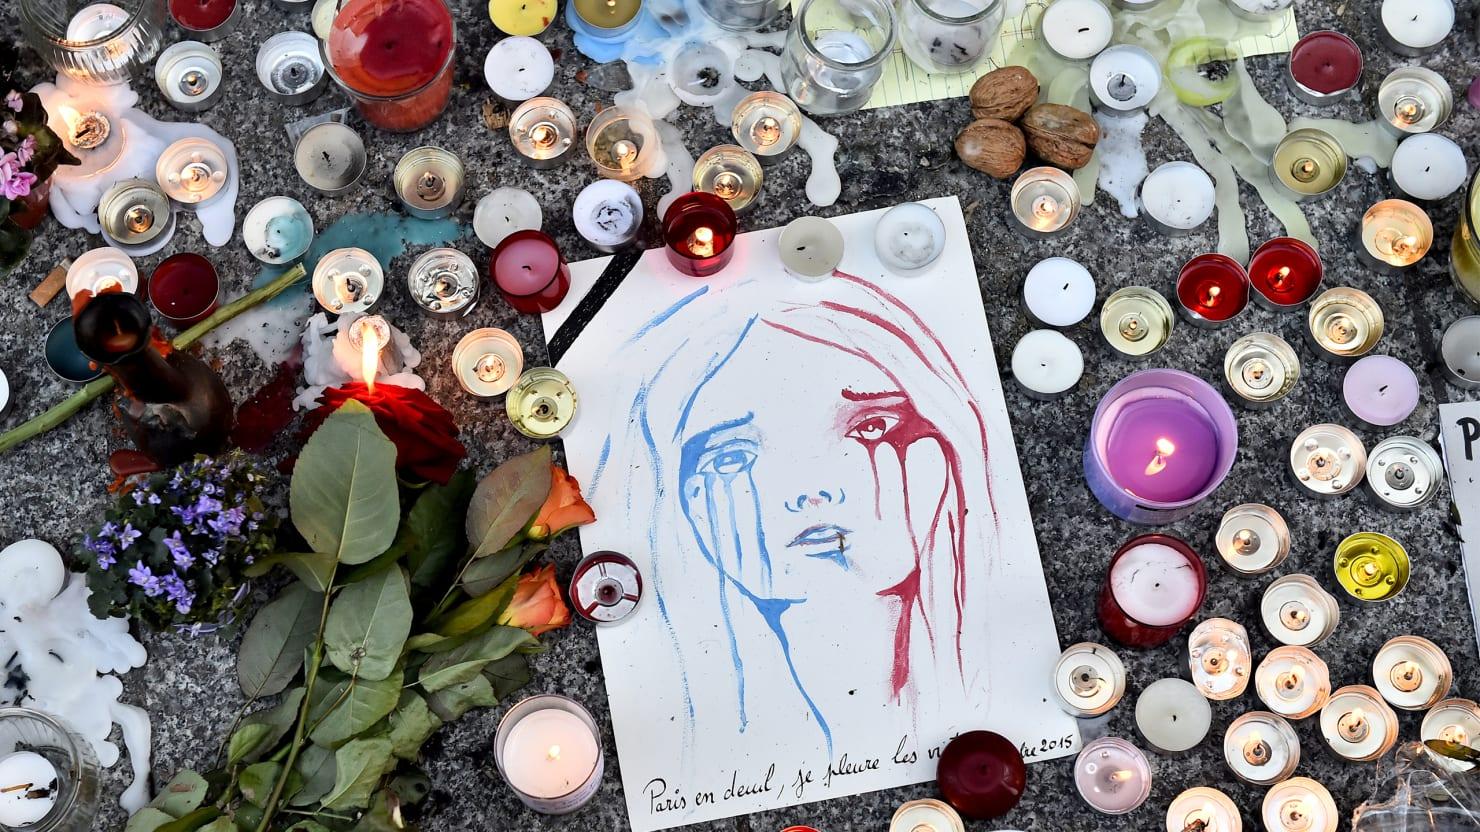 ISIS Targeted Muslims in Paris